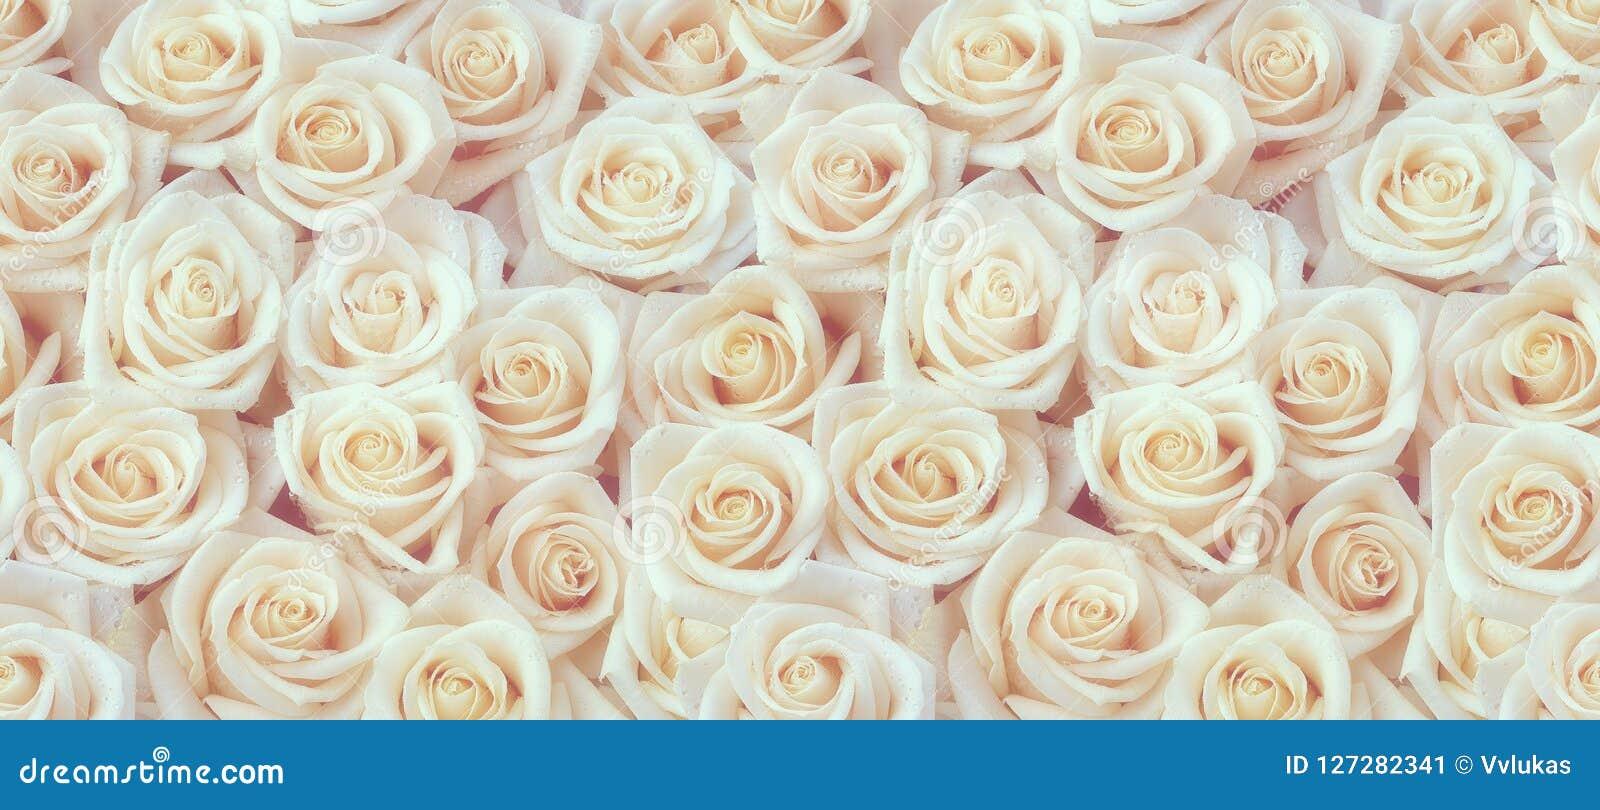 Modelo inconsútil fresco de las rosas blancas